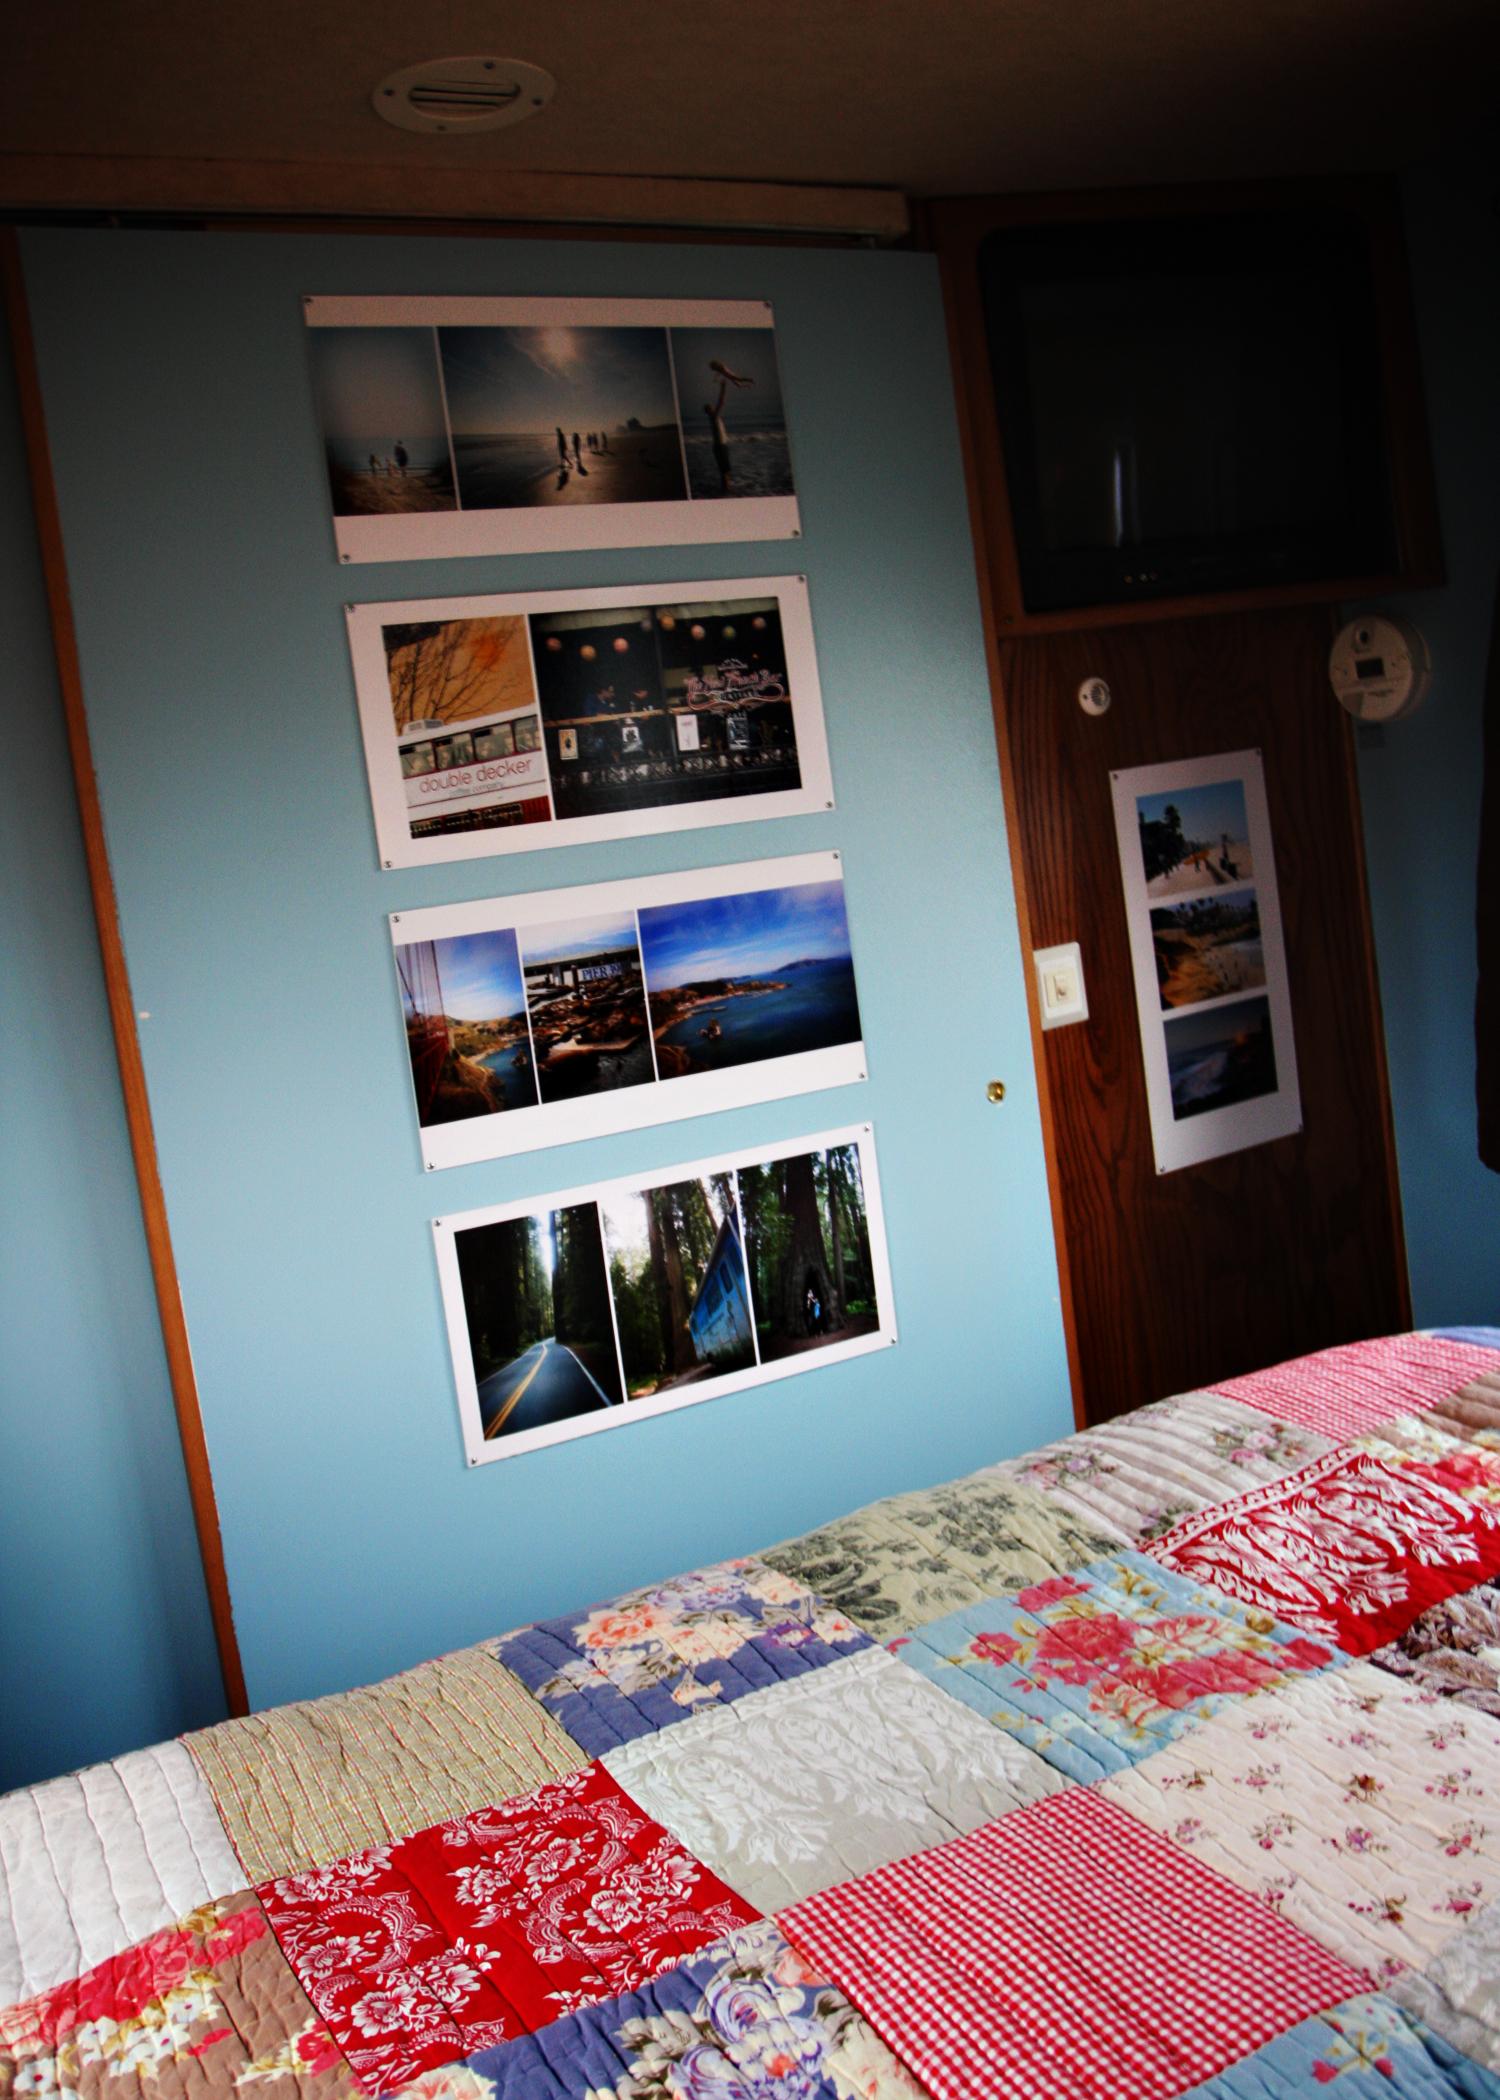 02_Bedroom with Door Closed.jpg